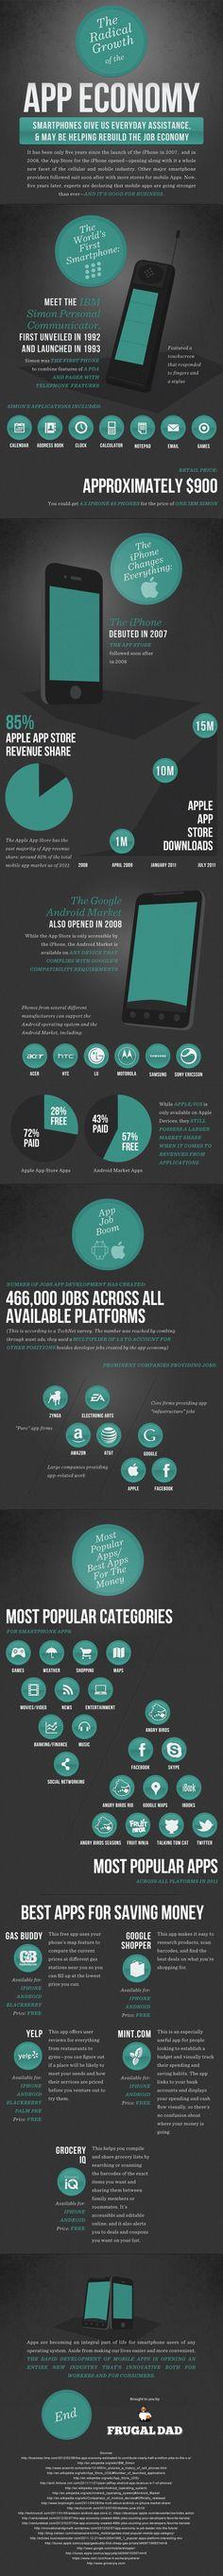 2012 APP economy